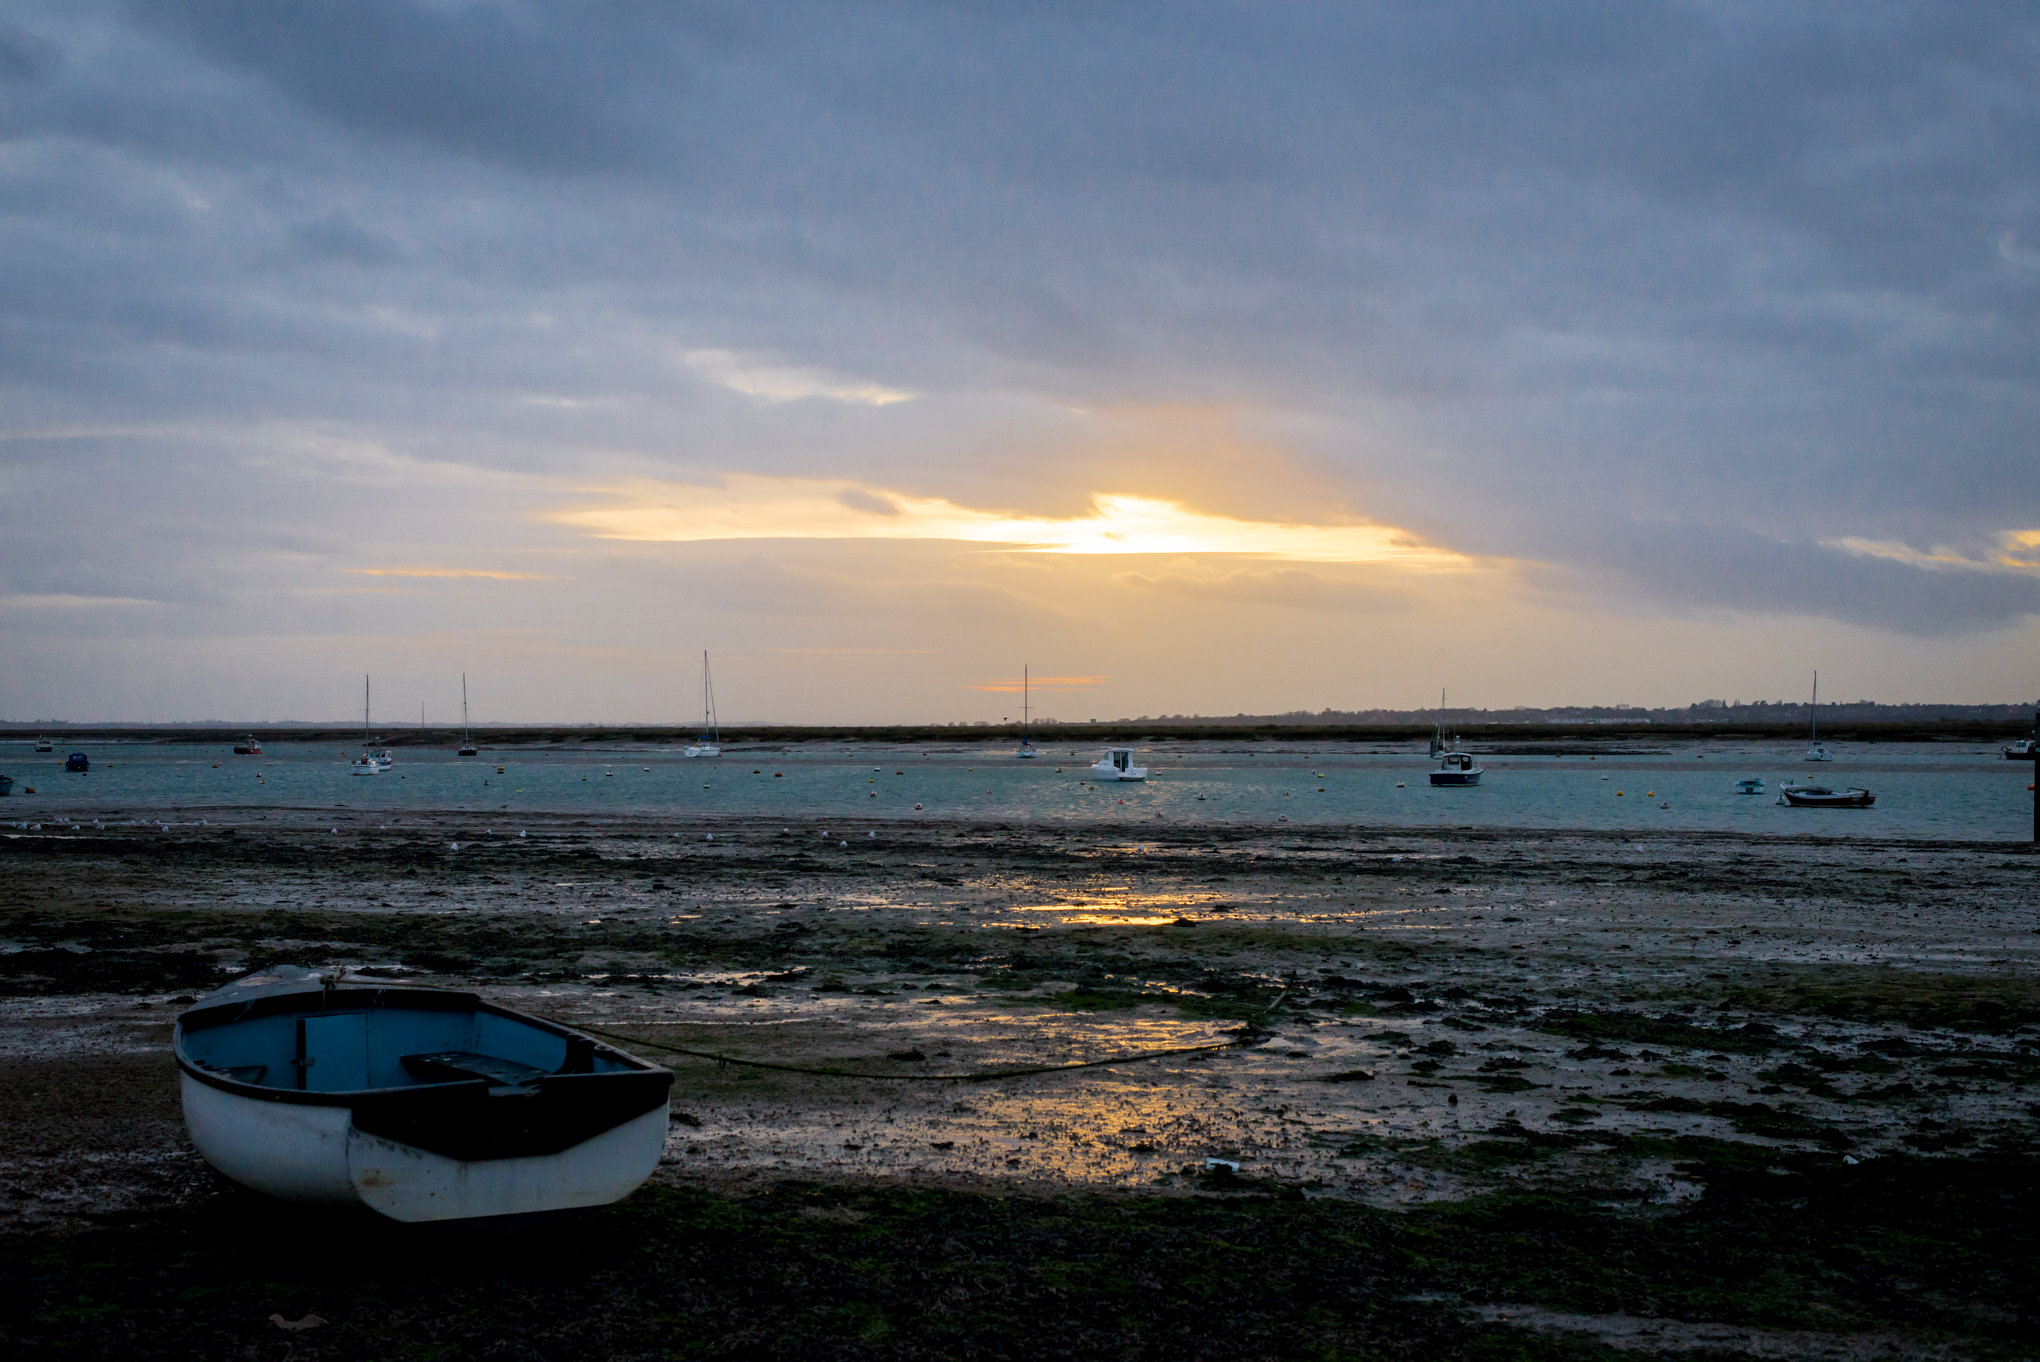 mersea island, Christmas in Mersea Island